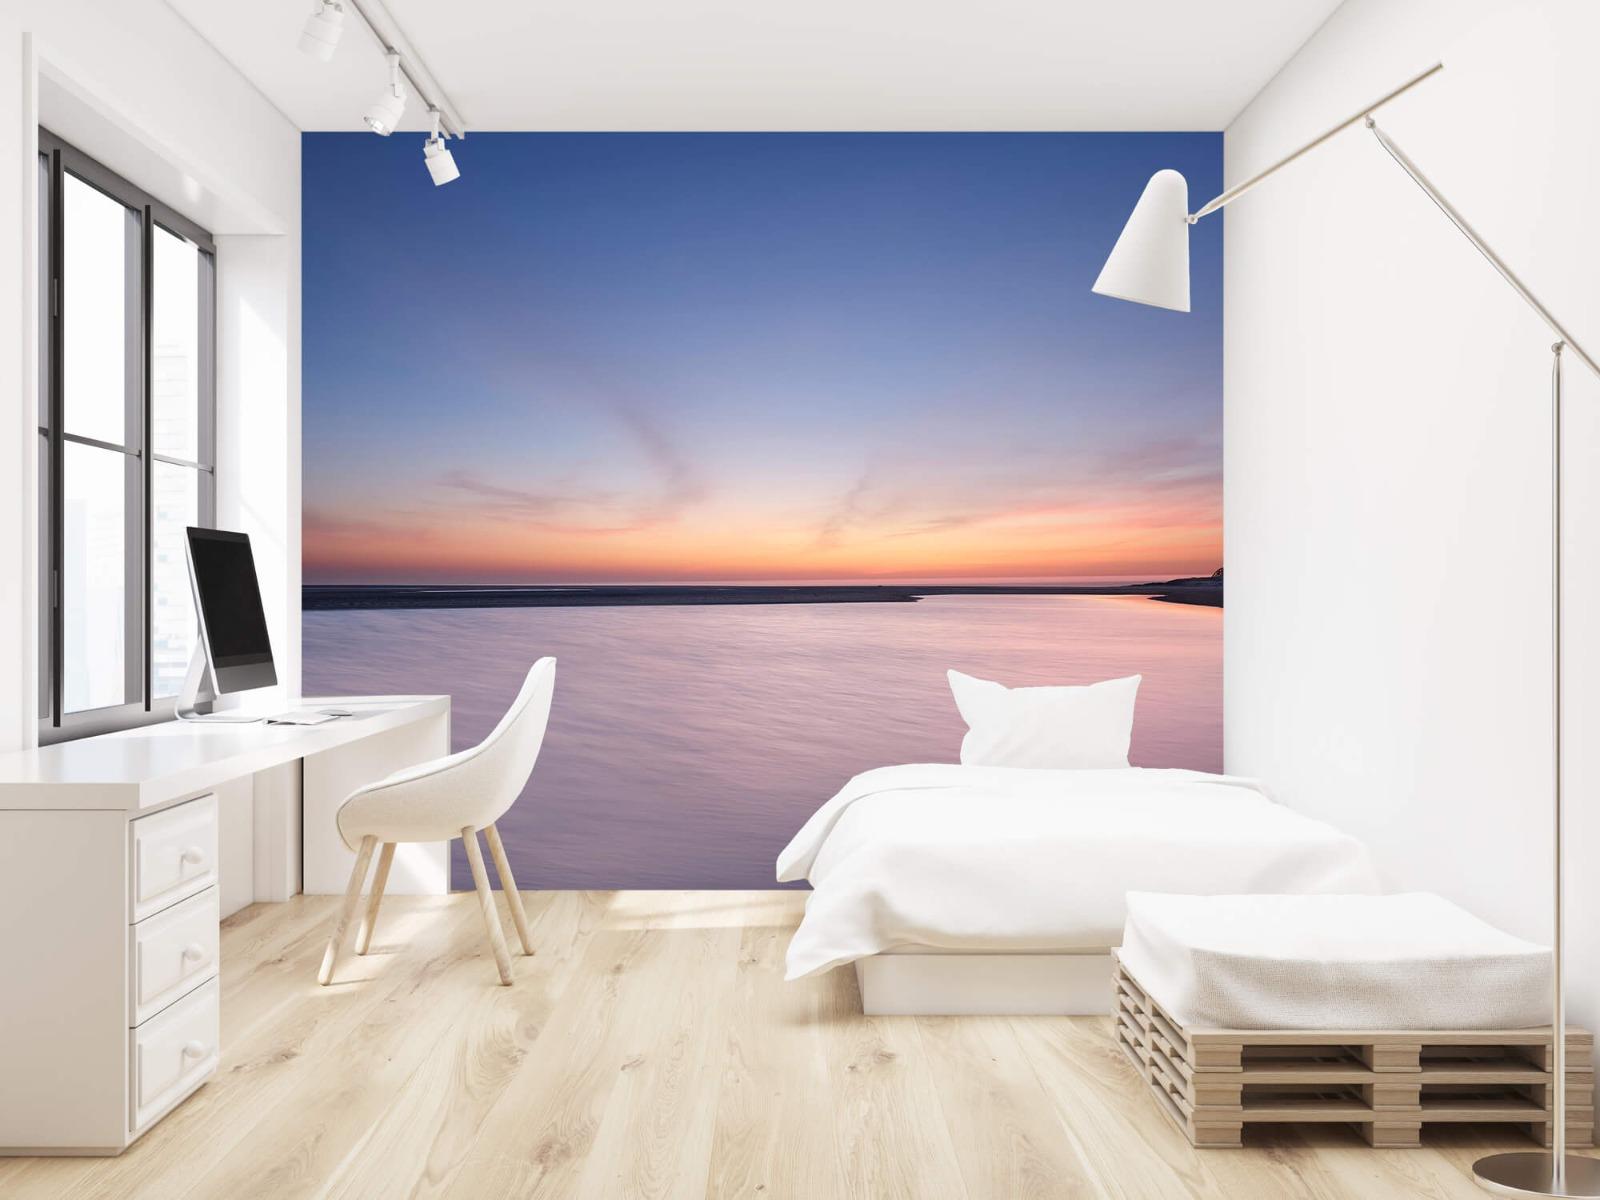 Zeeën en Oceanen - Zonsondergang aan zee - Slaapkamer 22